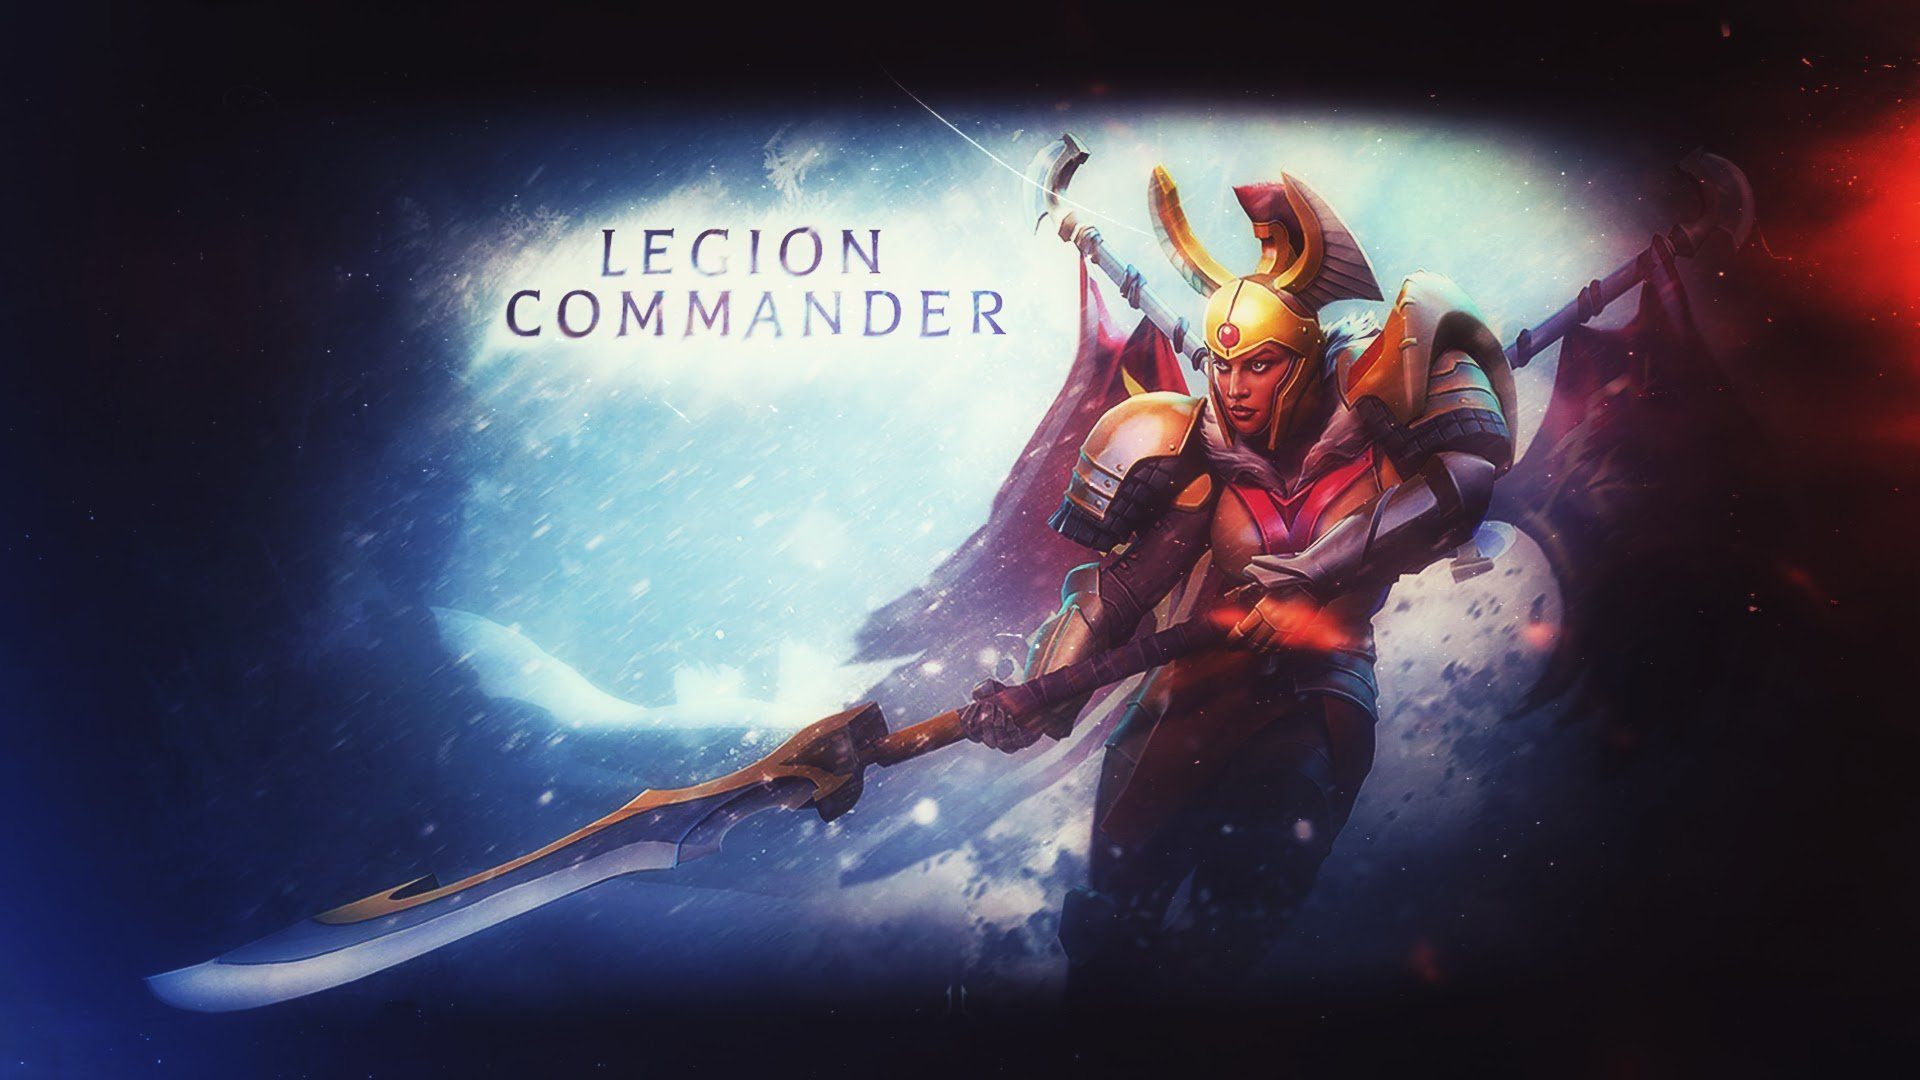 Legion Commander#Dota2 #Модный_фильтр PS: 1920x1080. - Изображение 1